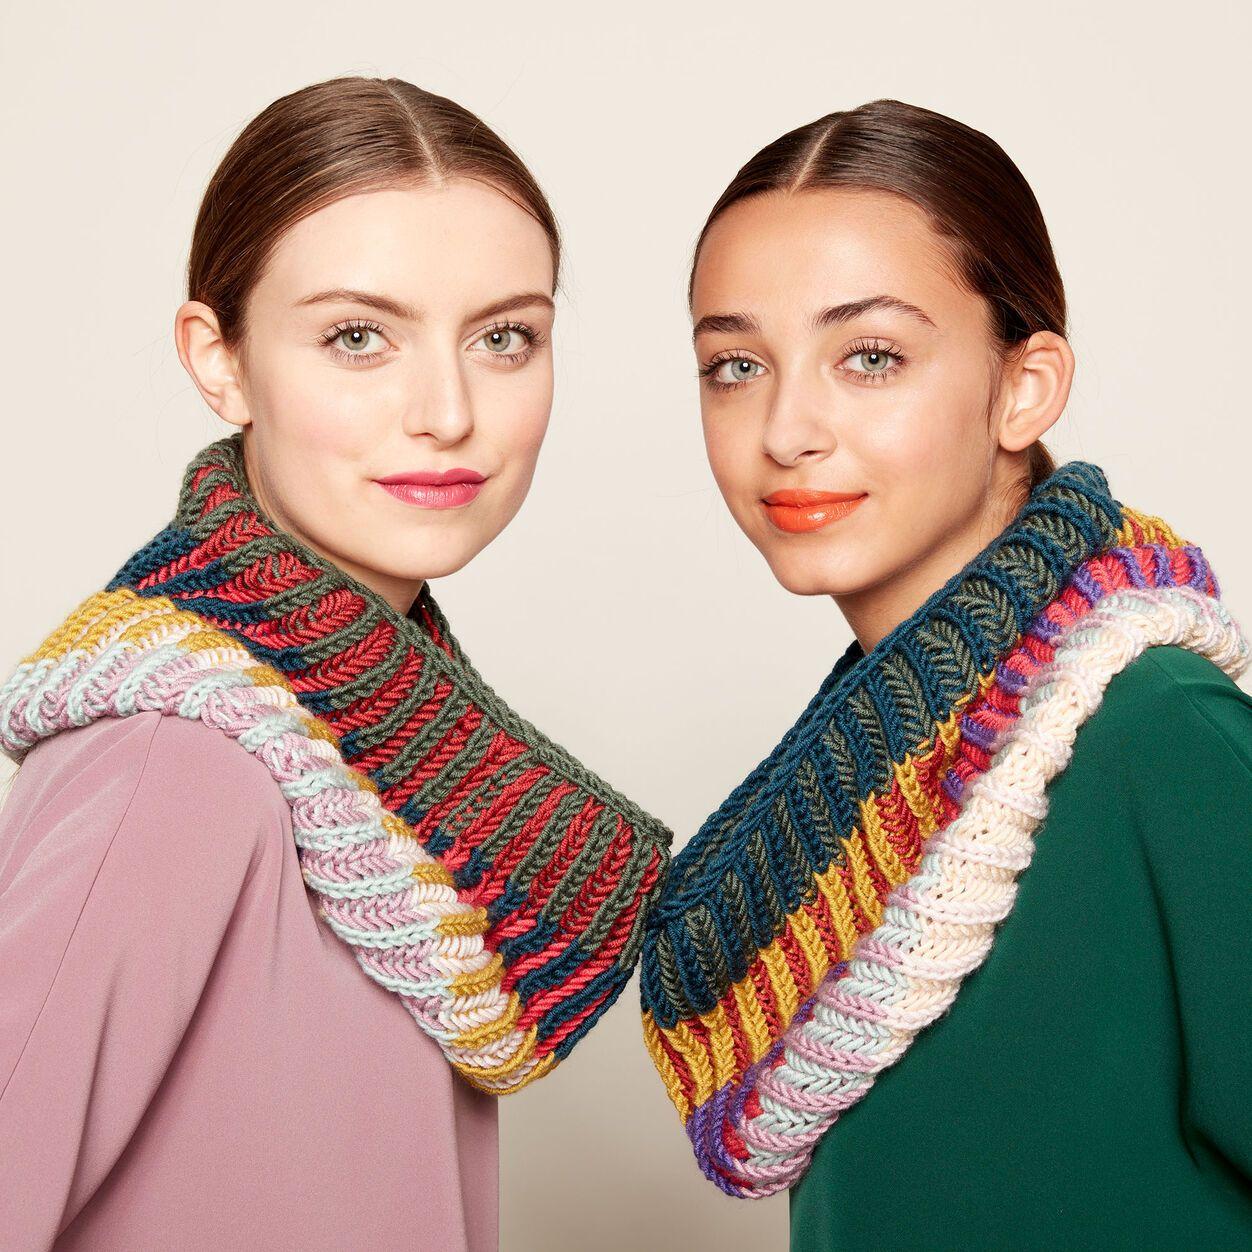 Photo of Caron x Pantone Brioche Knit Cowl Free Pattern